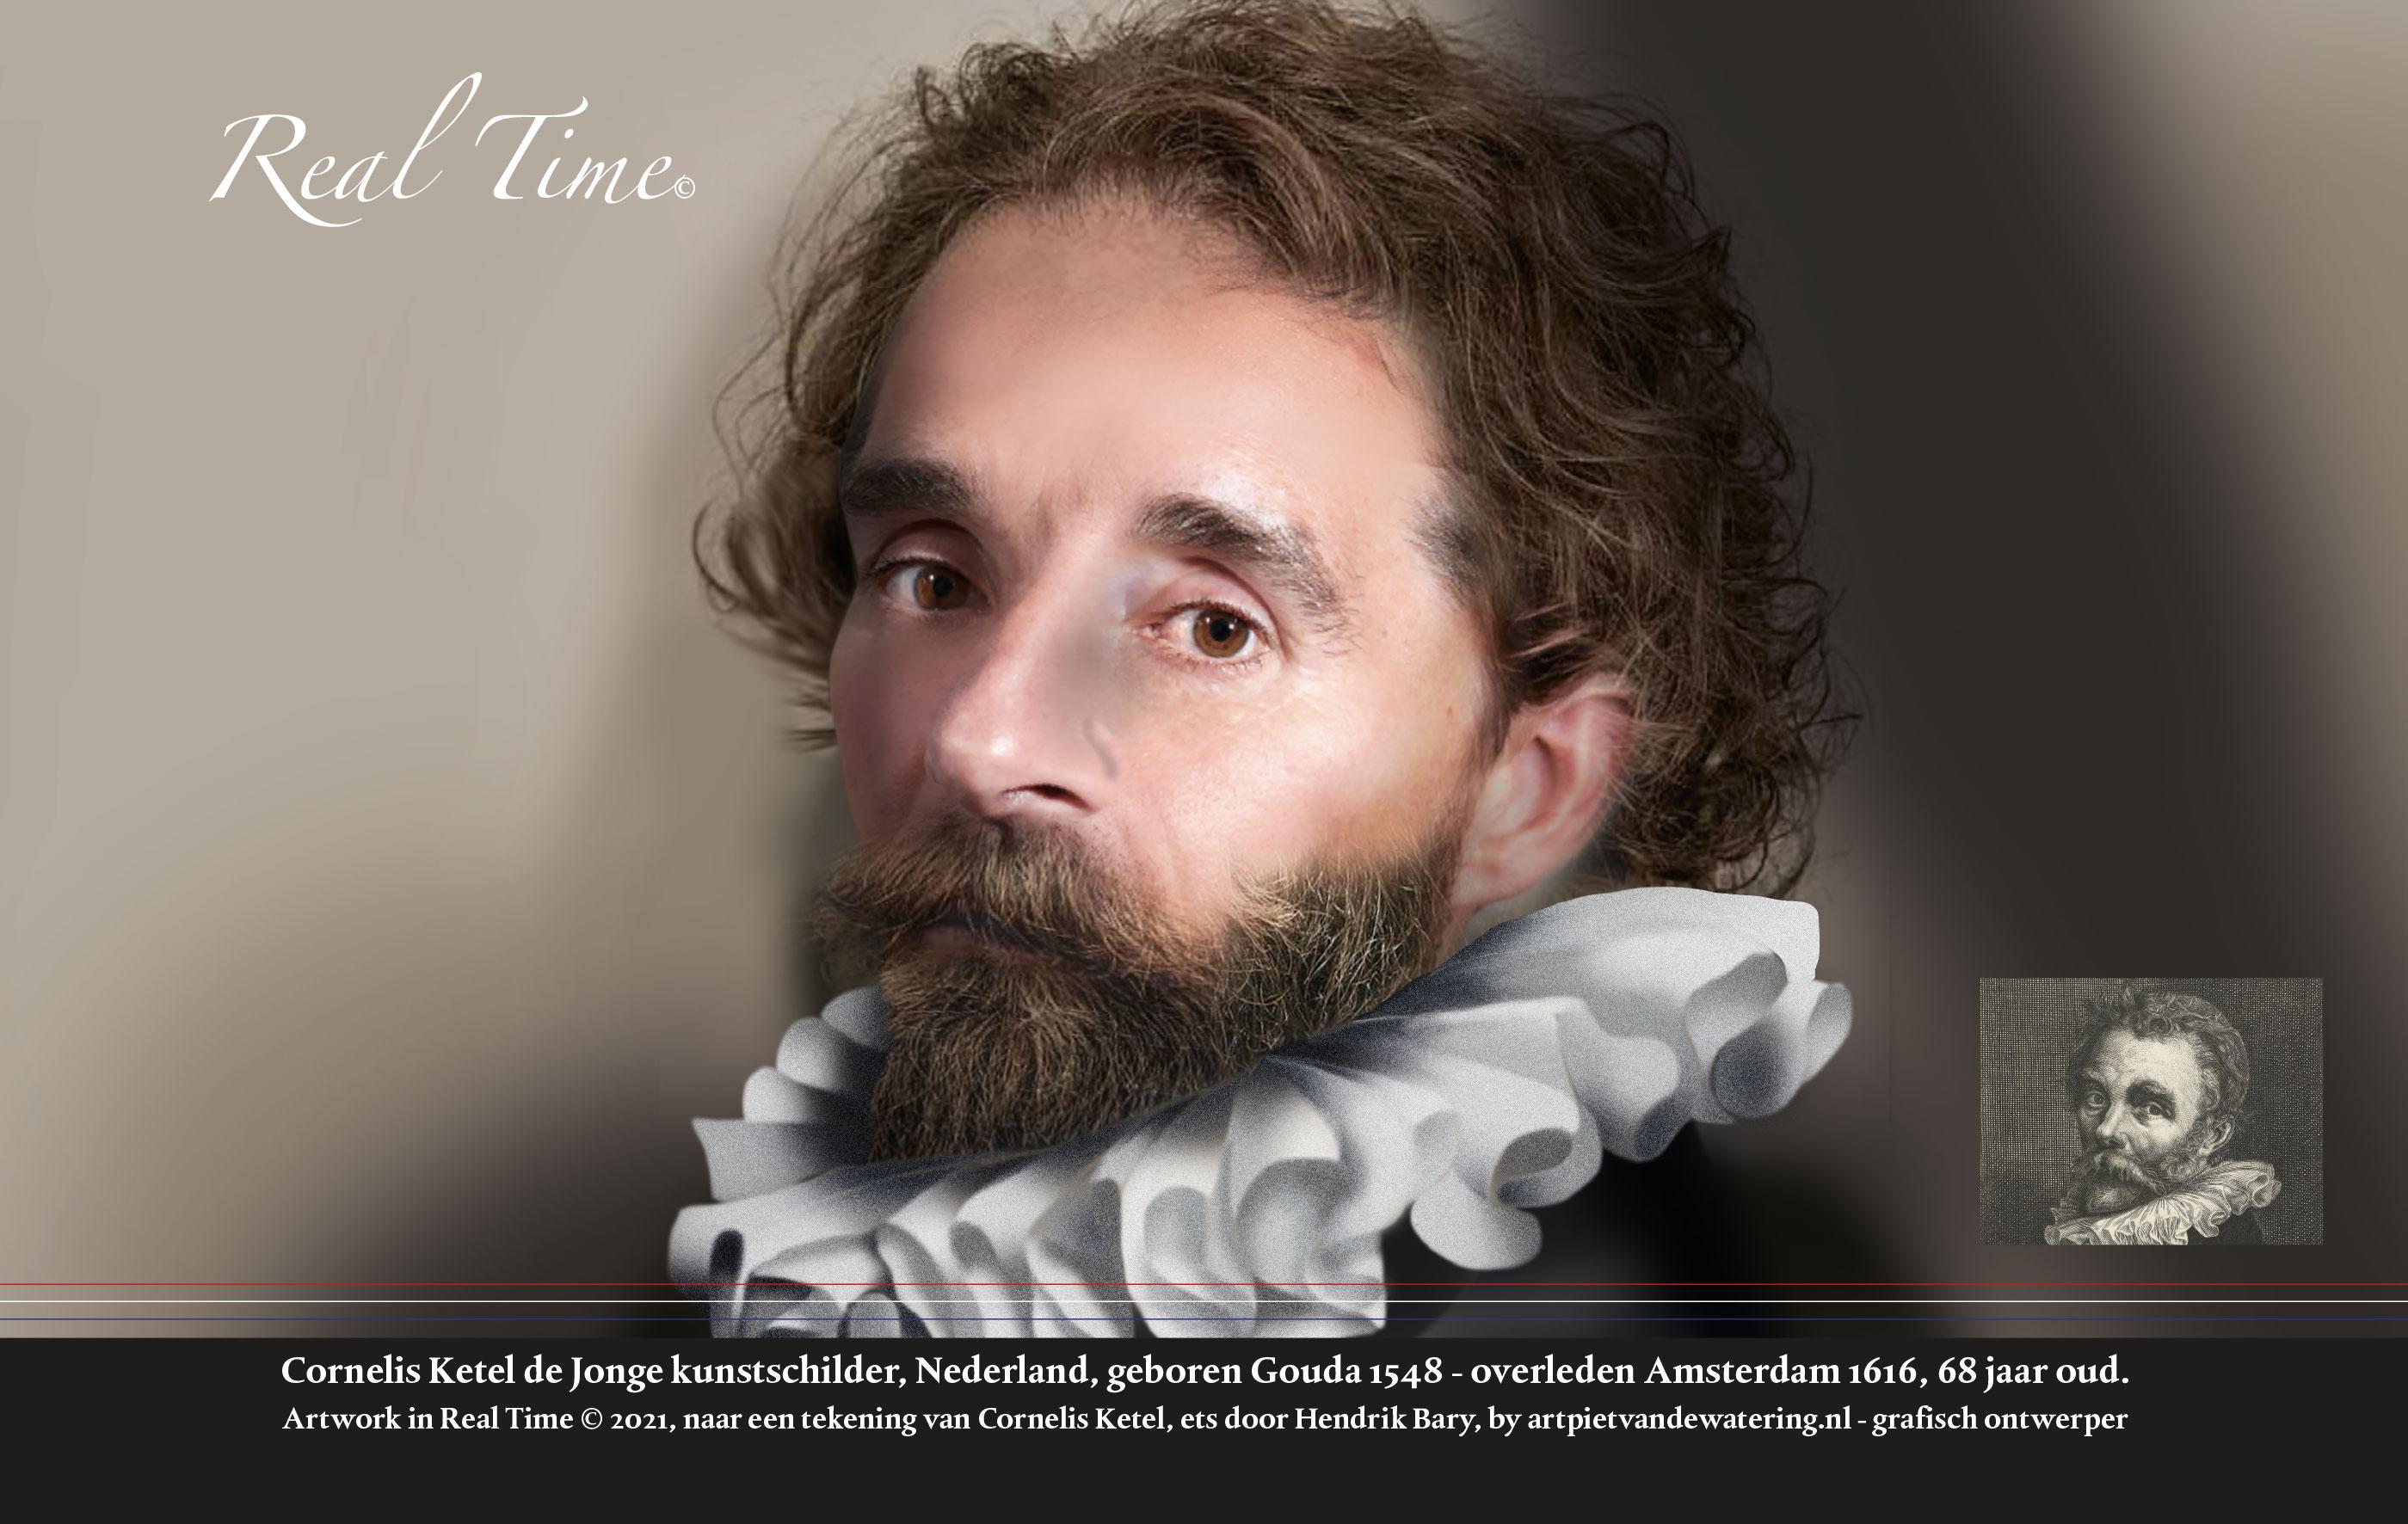 Cornelis-Ketel-de-Jonge-1548-1616